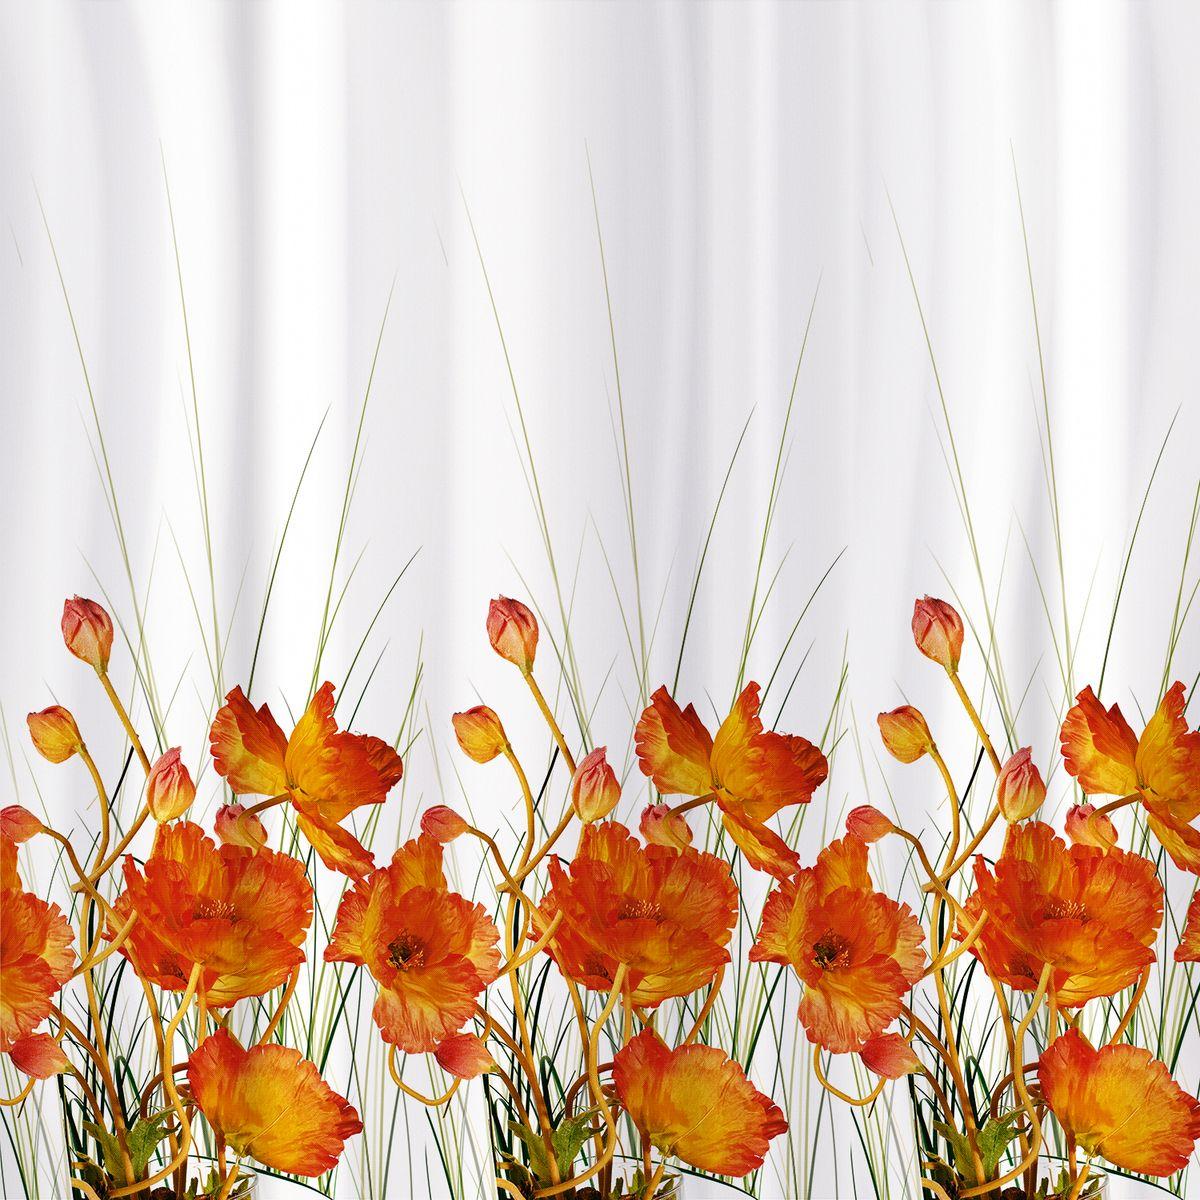 Штора для ванной Tatkraft French Poppies Textile, цвет: белый, оранжевый, 180 х 180 см18006Штора для ванной Tatkraft French Poppies Textile имеет специальную водоотталкивающую пропитку и антигрибковое покрытие. Штора быстро сохнет, легко моется и обладает повышенной износостойкостью. Штора оснащена магнитами-утяжелителями для лучшей фиксации. Мягкая и приятная на ощупь штора для ванной Tatkraft порадует вас своим ярким дизайном и добавит уюта в ванную комнату.